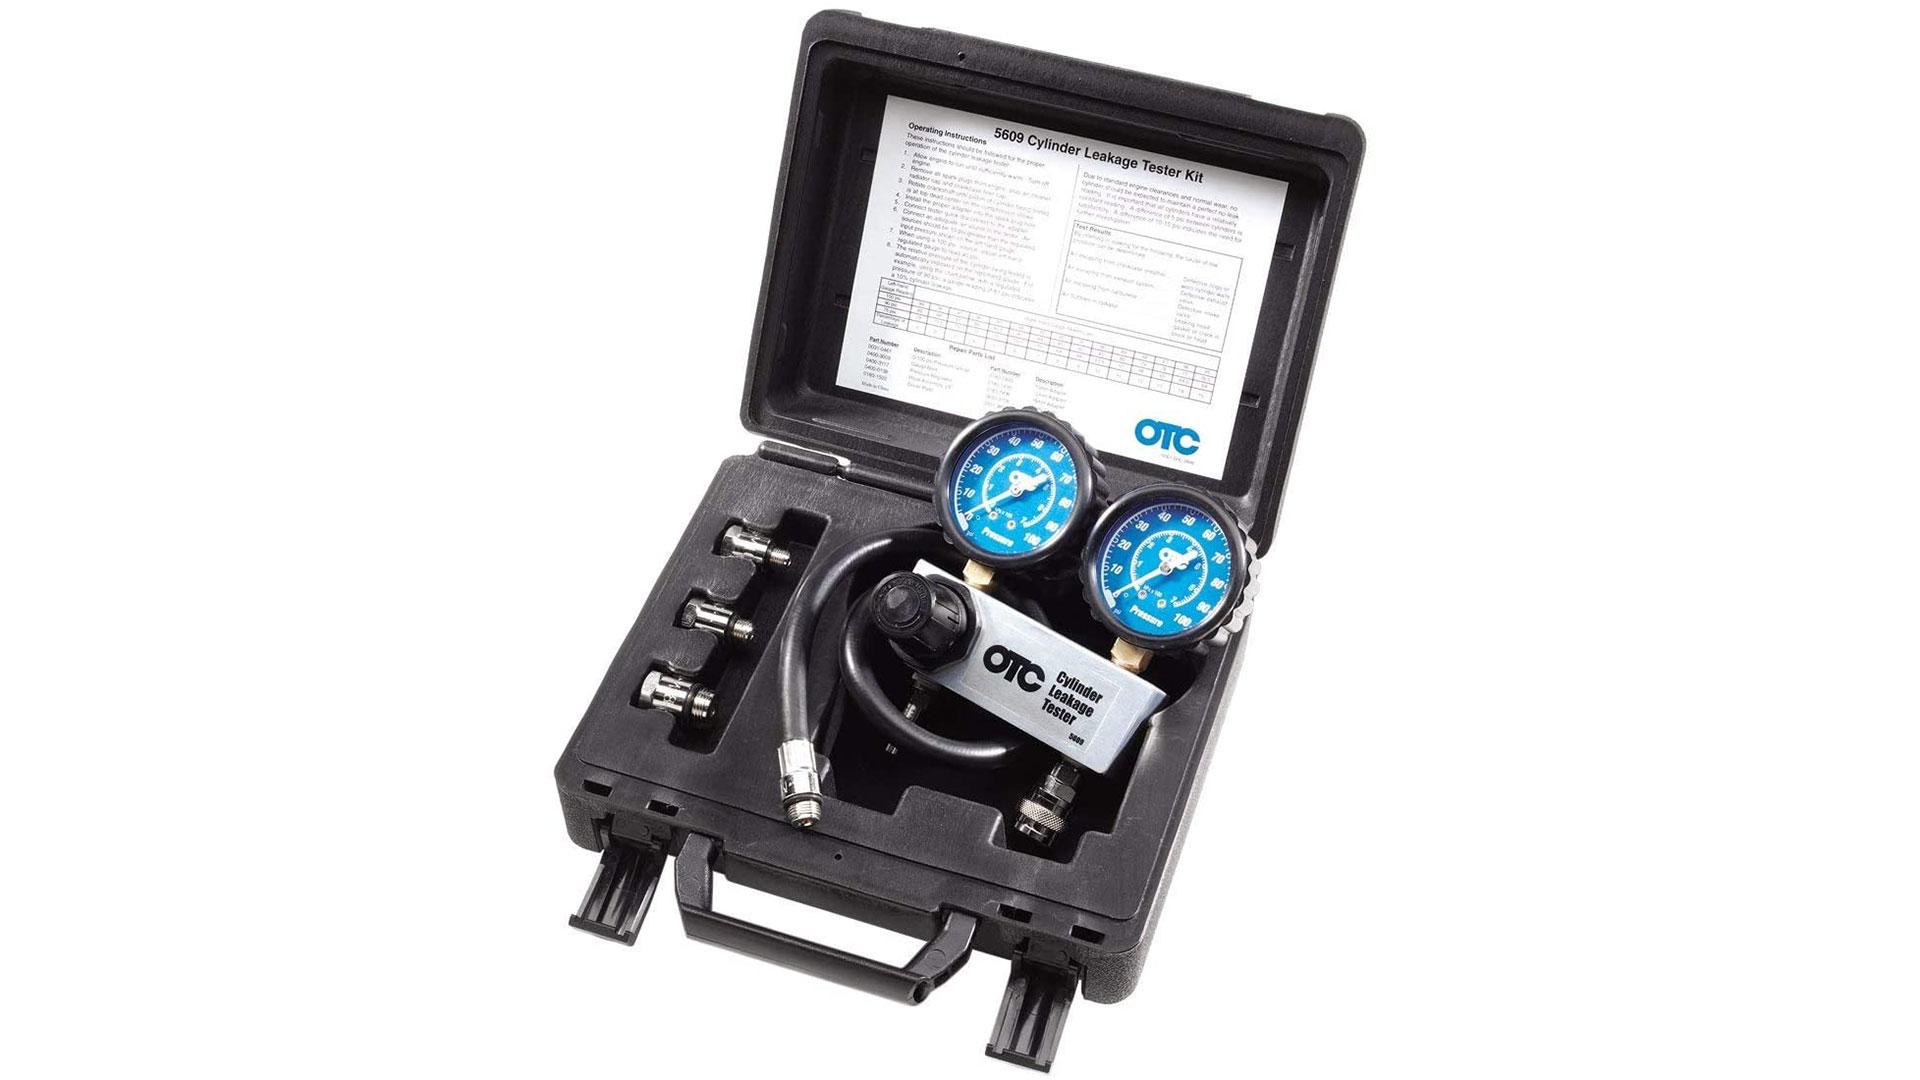 otc cylinder leakage tester